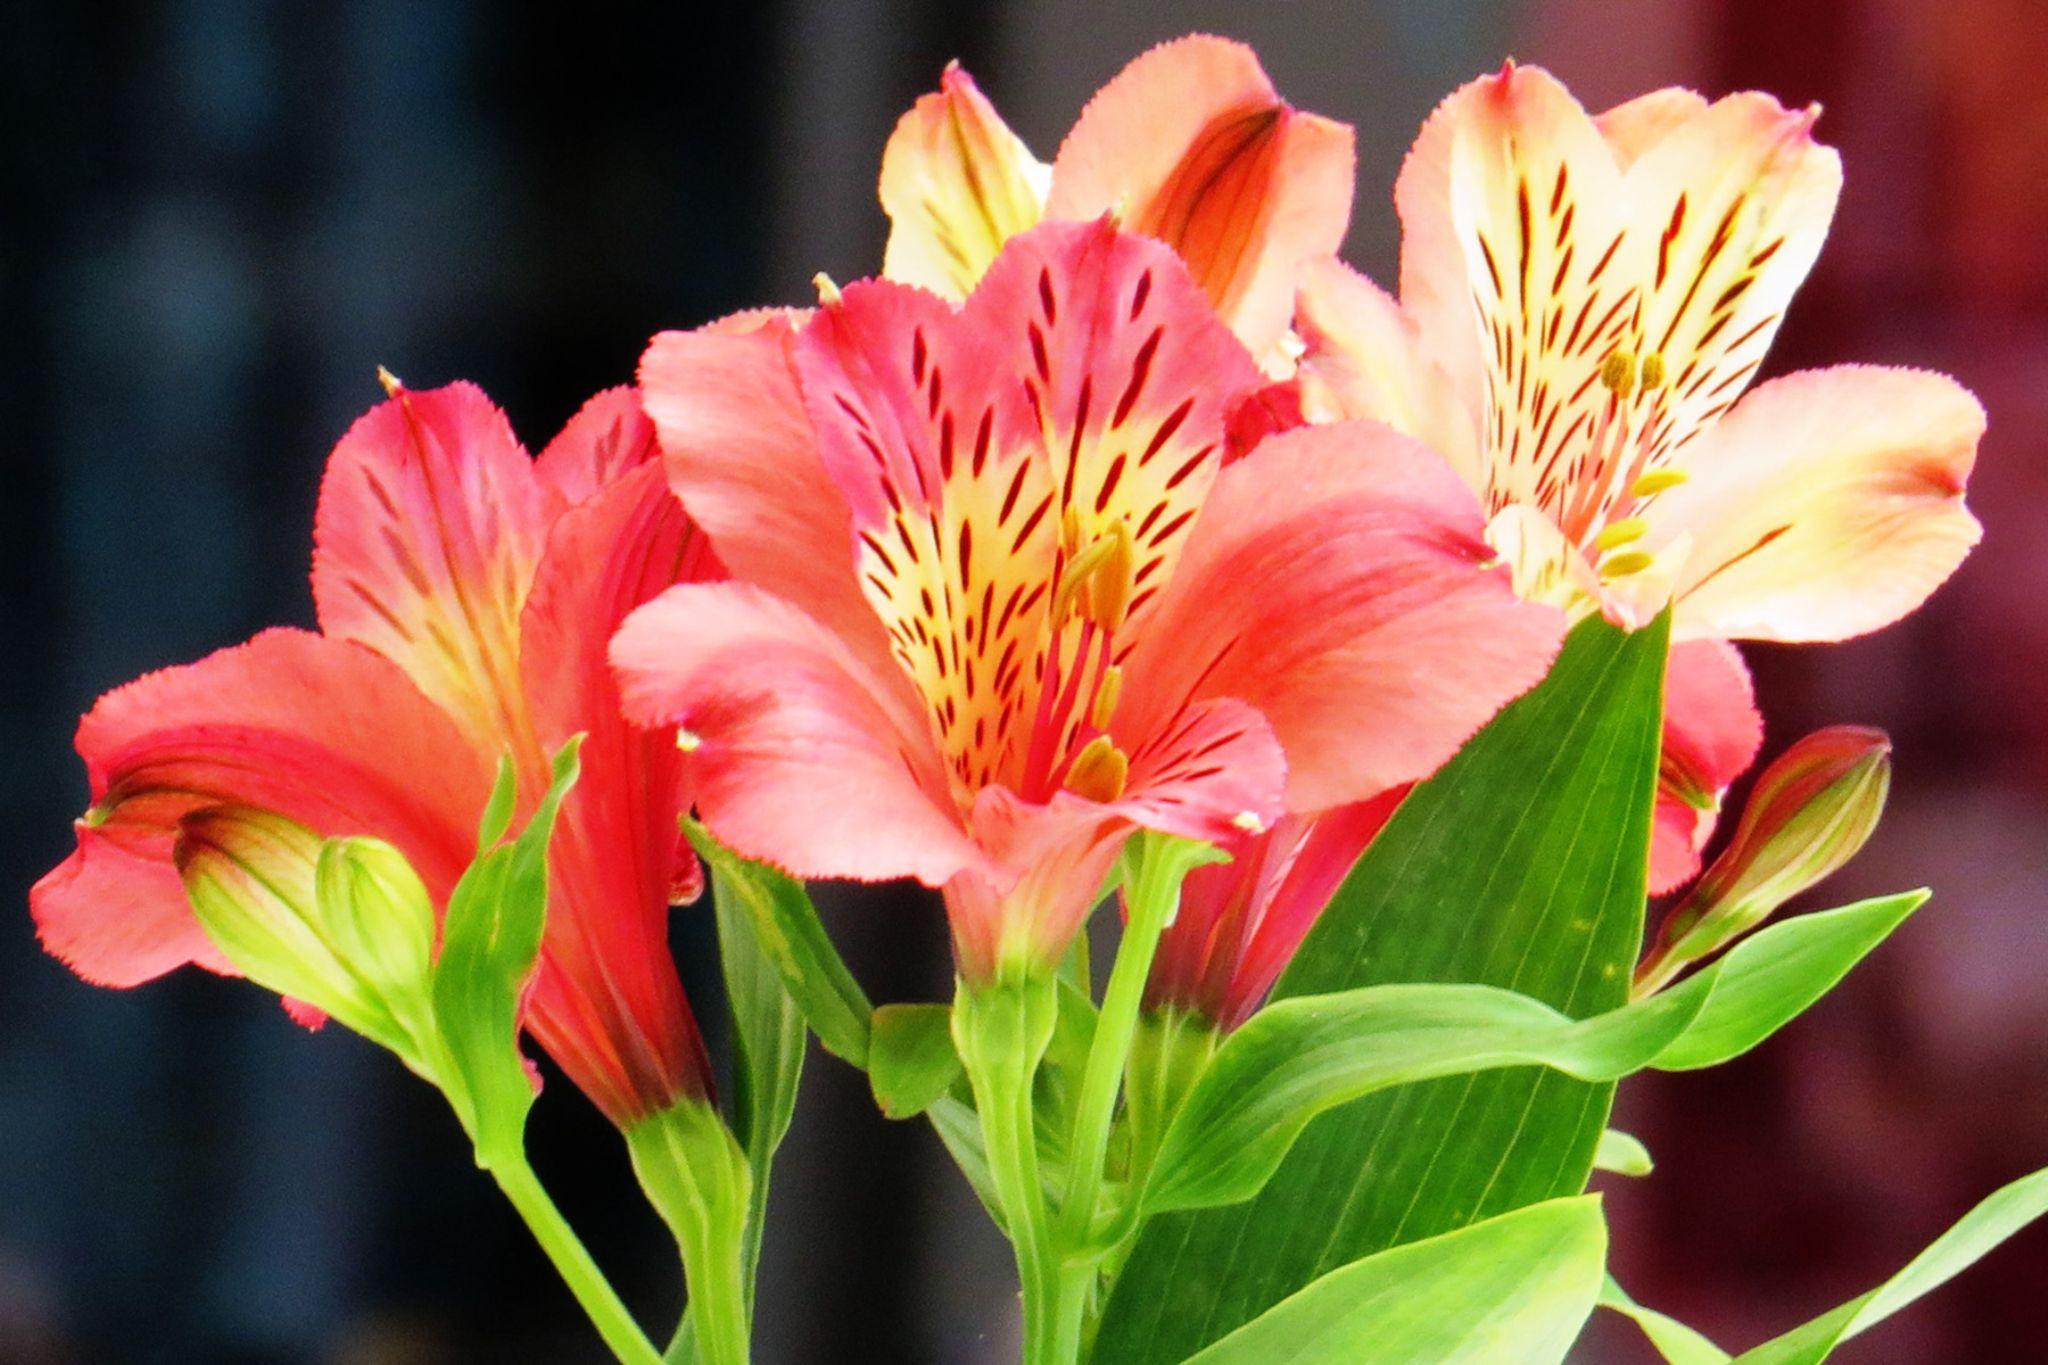 Flowers by Jo-Ann de Smit